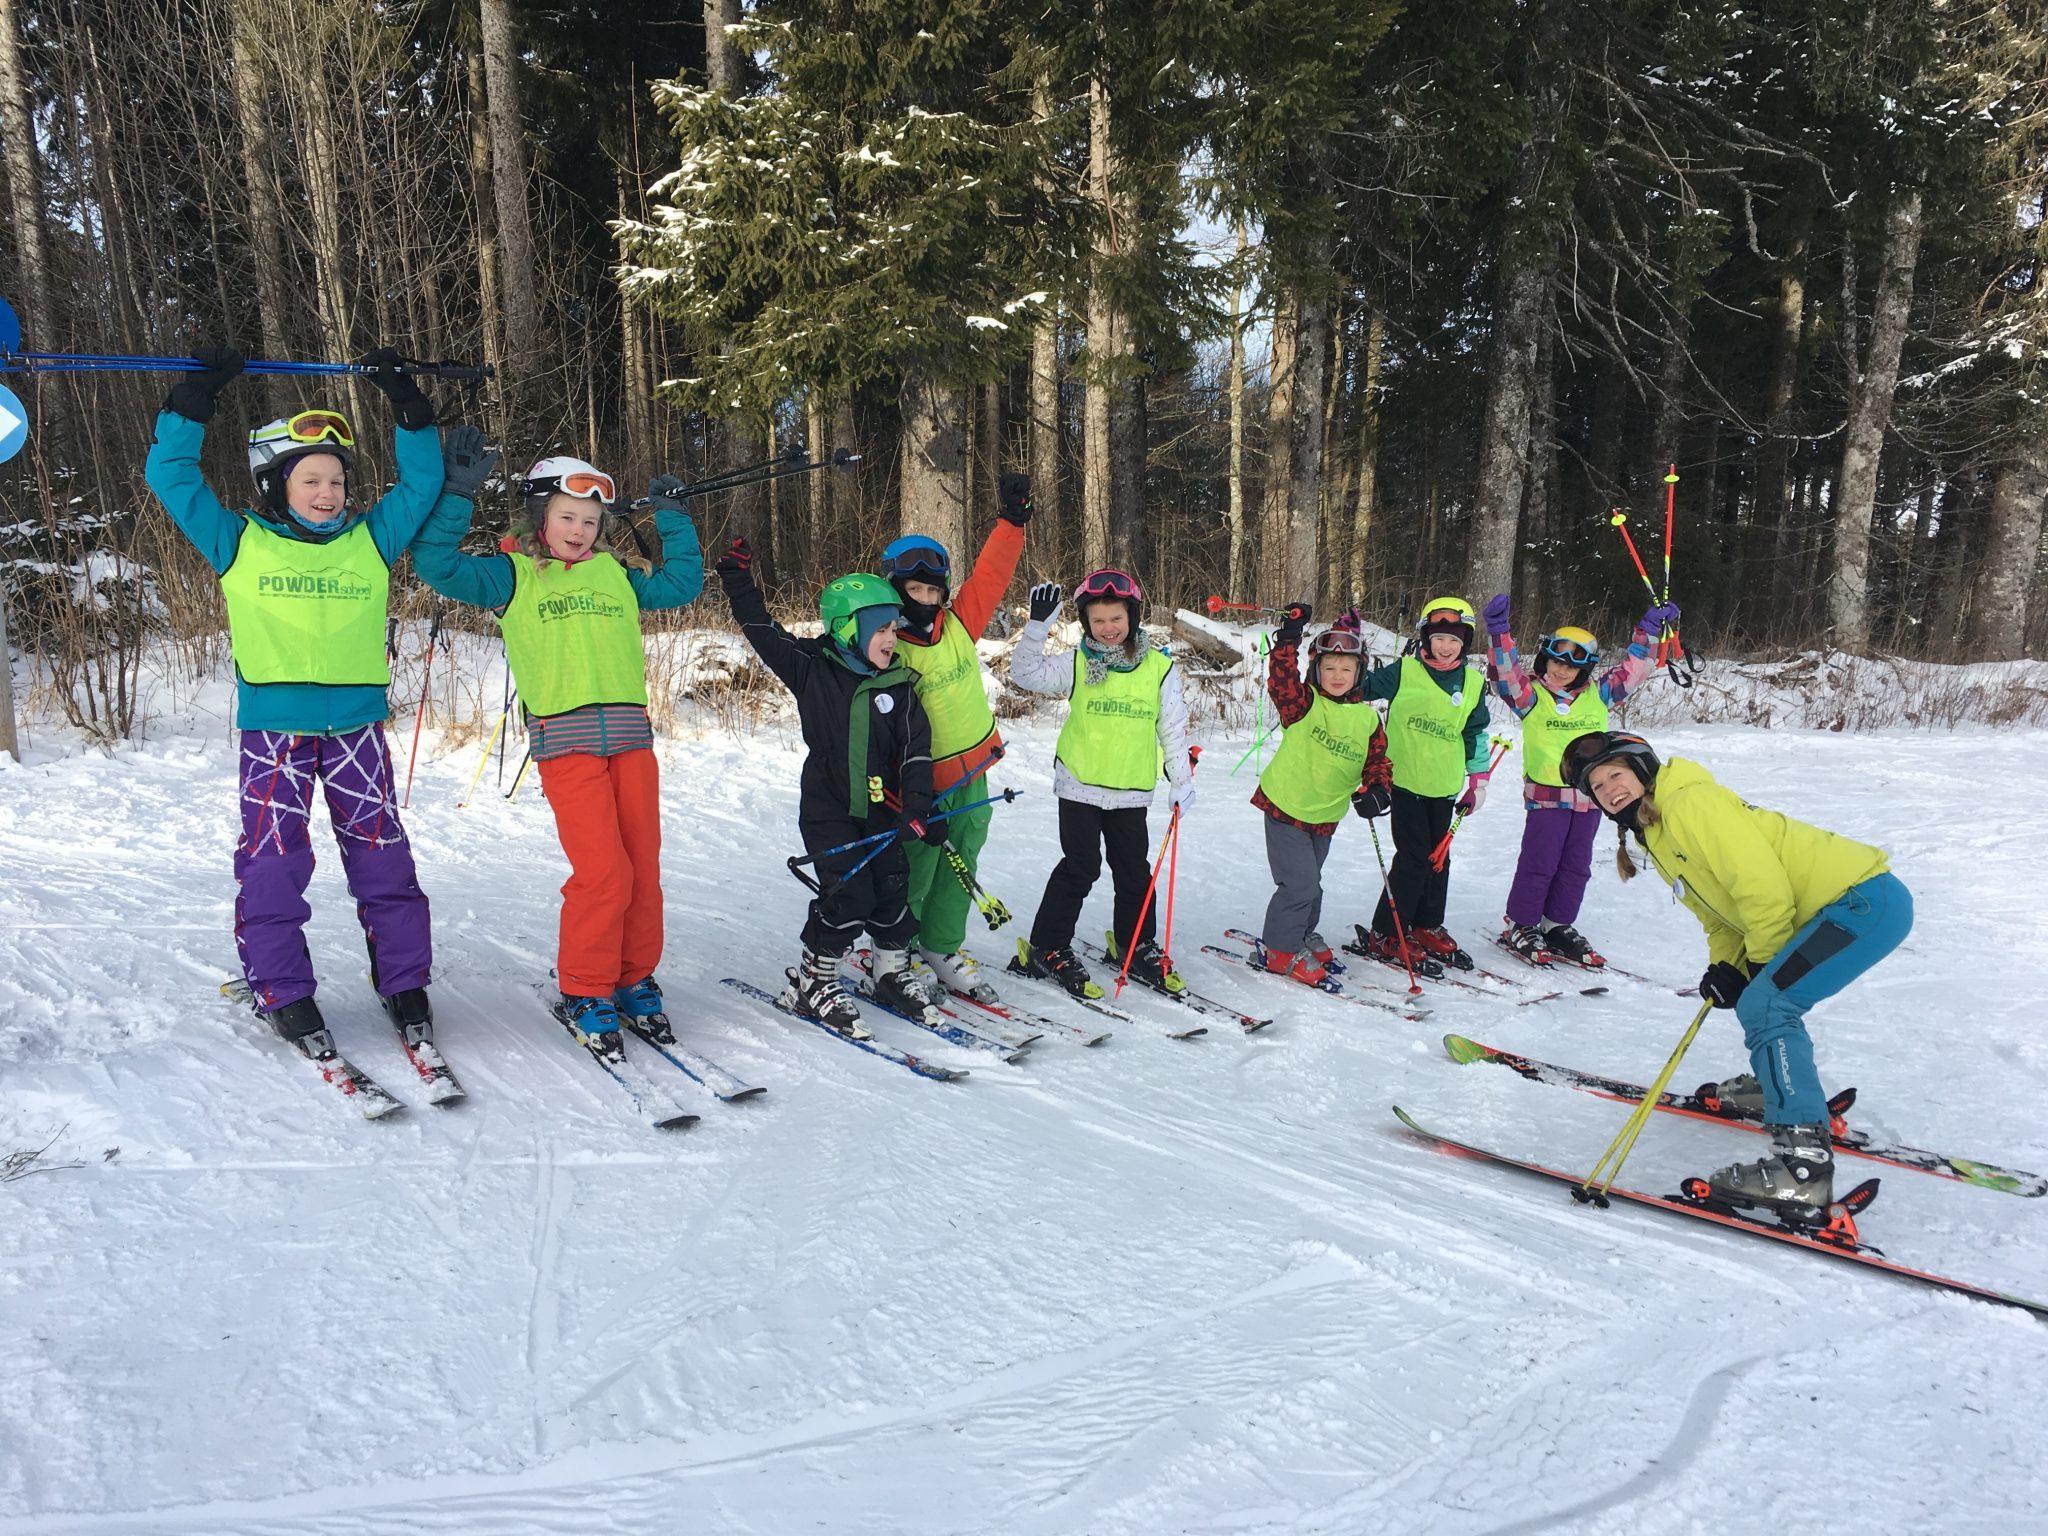 Ski-/Snowboardkurse für Kinder und Jugendliche